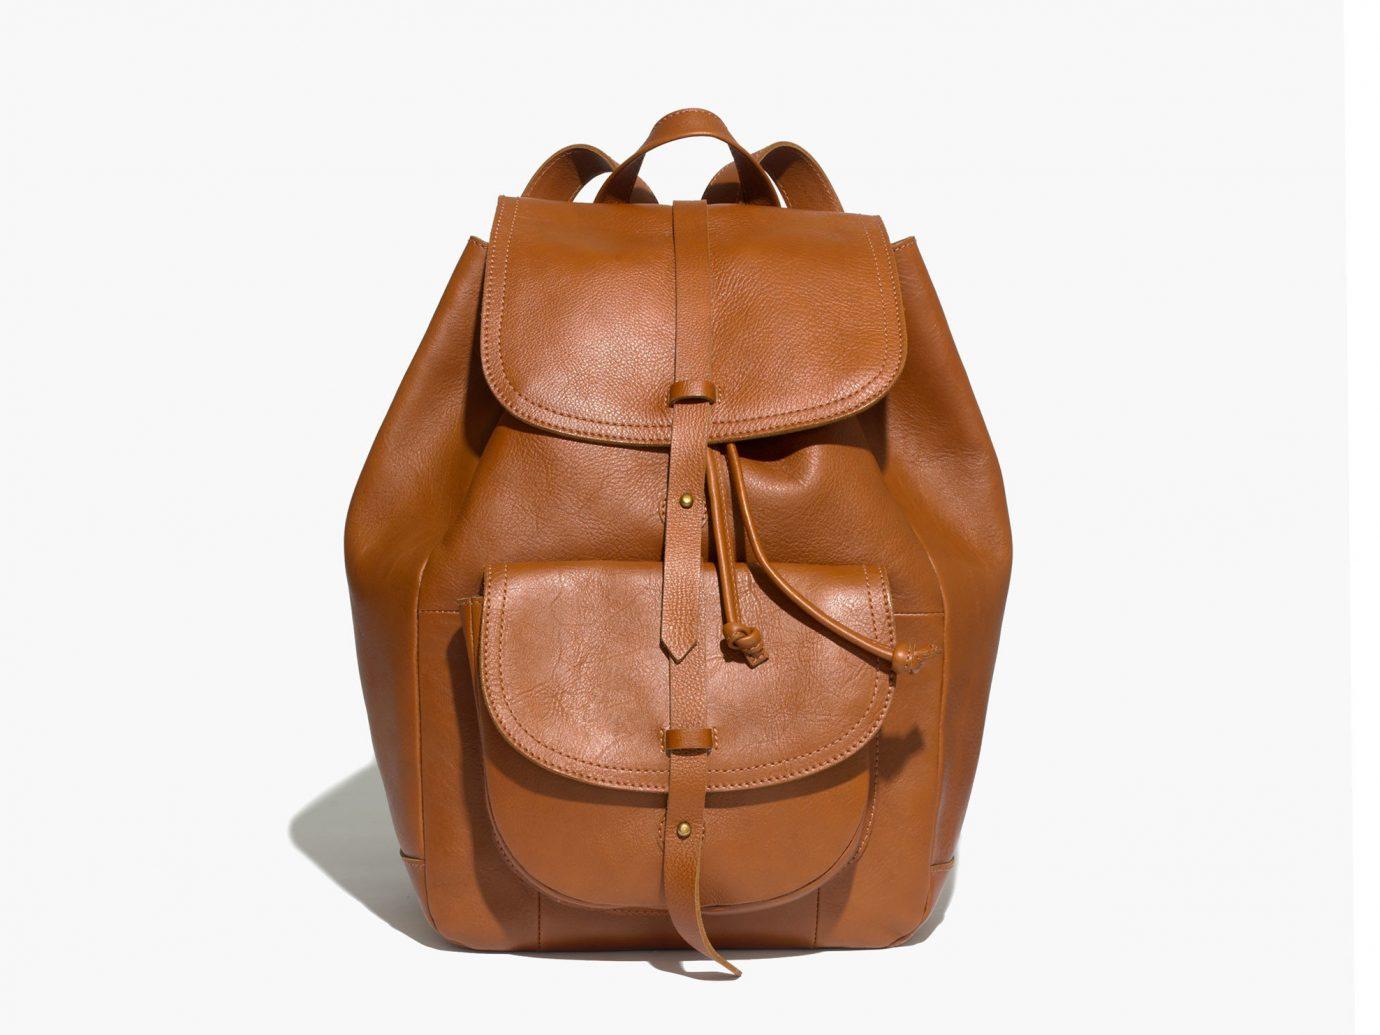 Style + Design accessory bag handbag brown case leather product shoulder bag backpack distilled beverage textile tan